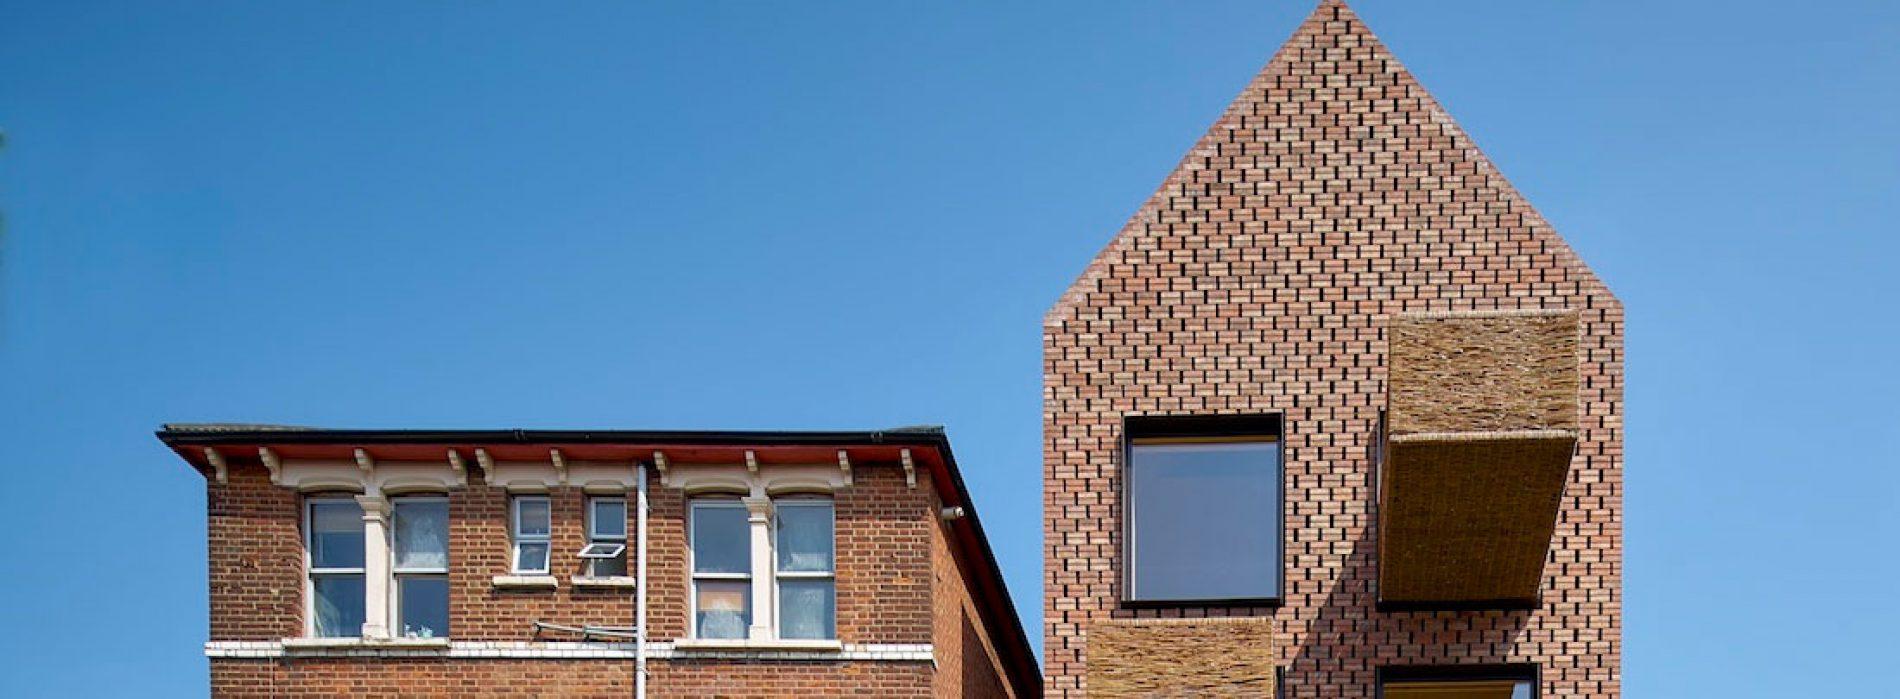 """""""Barretts Grove"""": la palazzina residenziale realizzata con cemento e mattoni a Londra"""